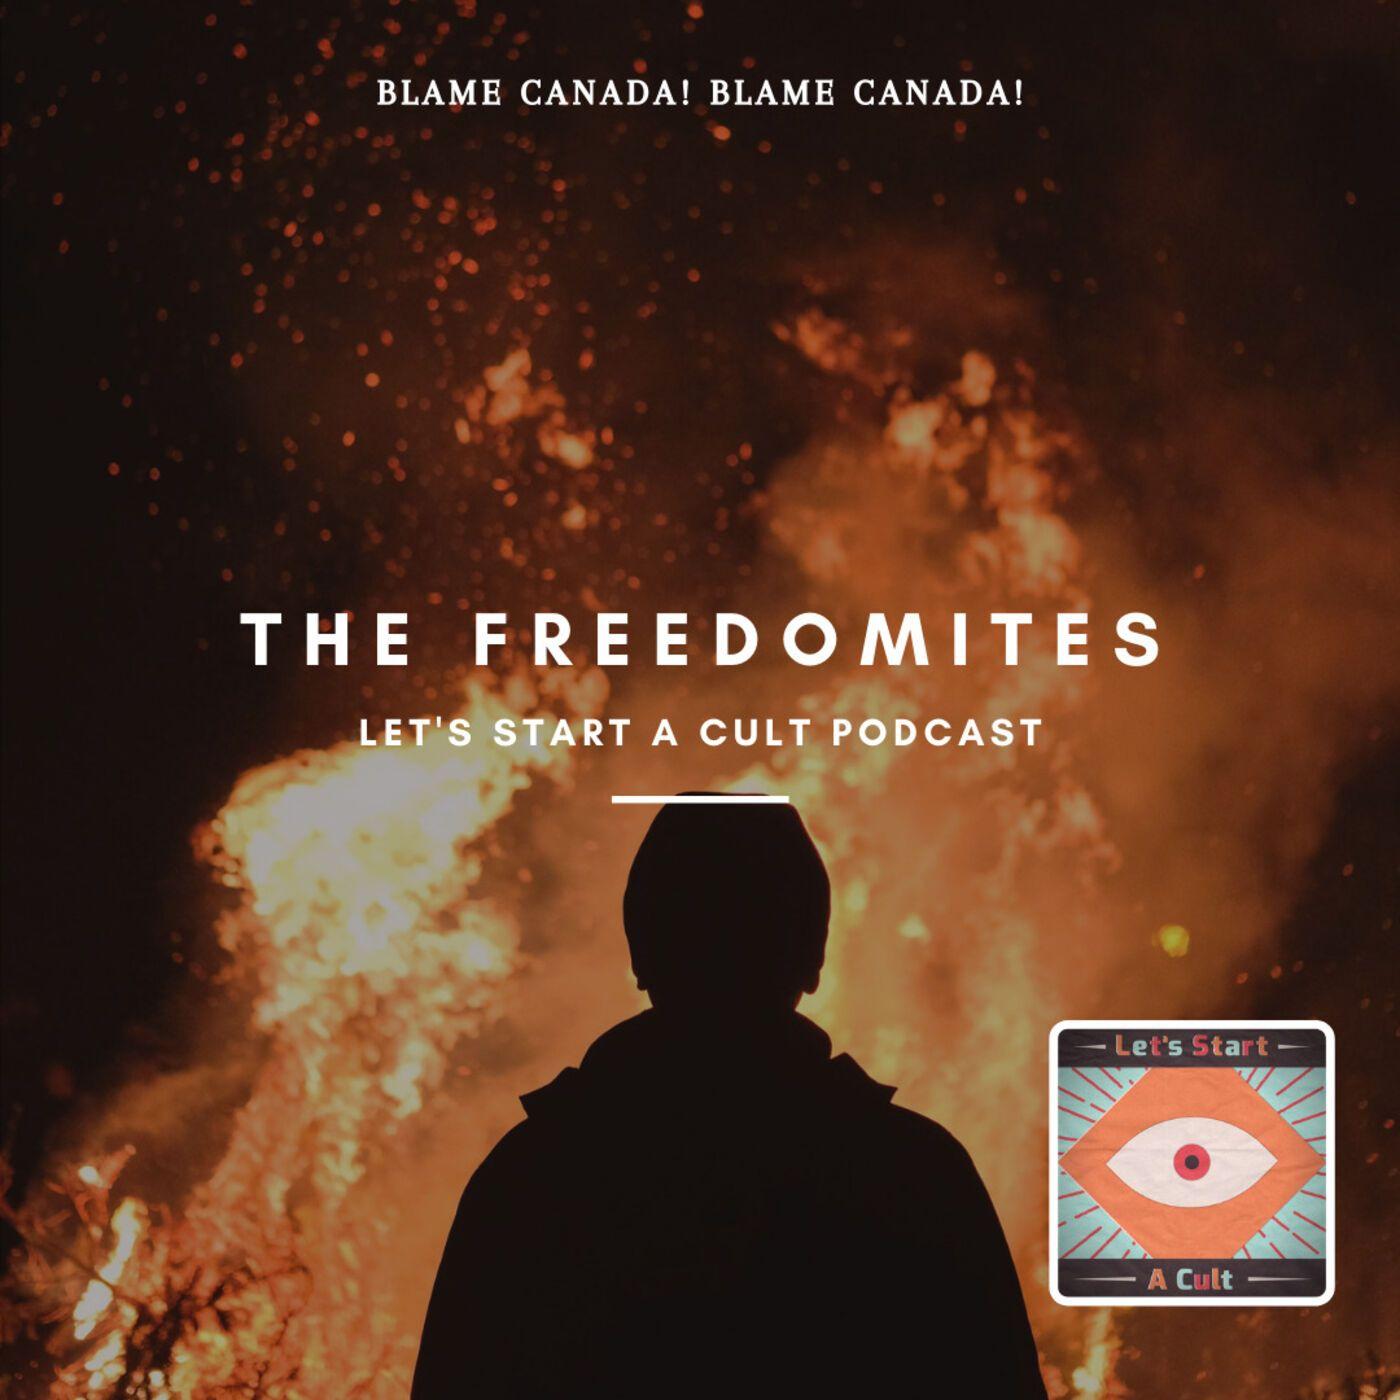 The Freedomites